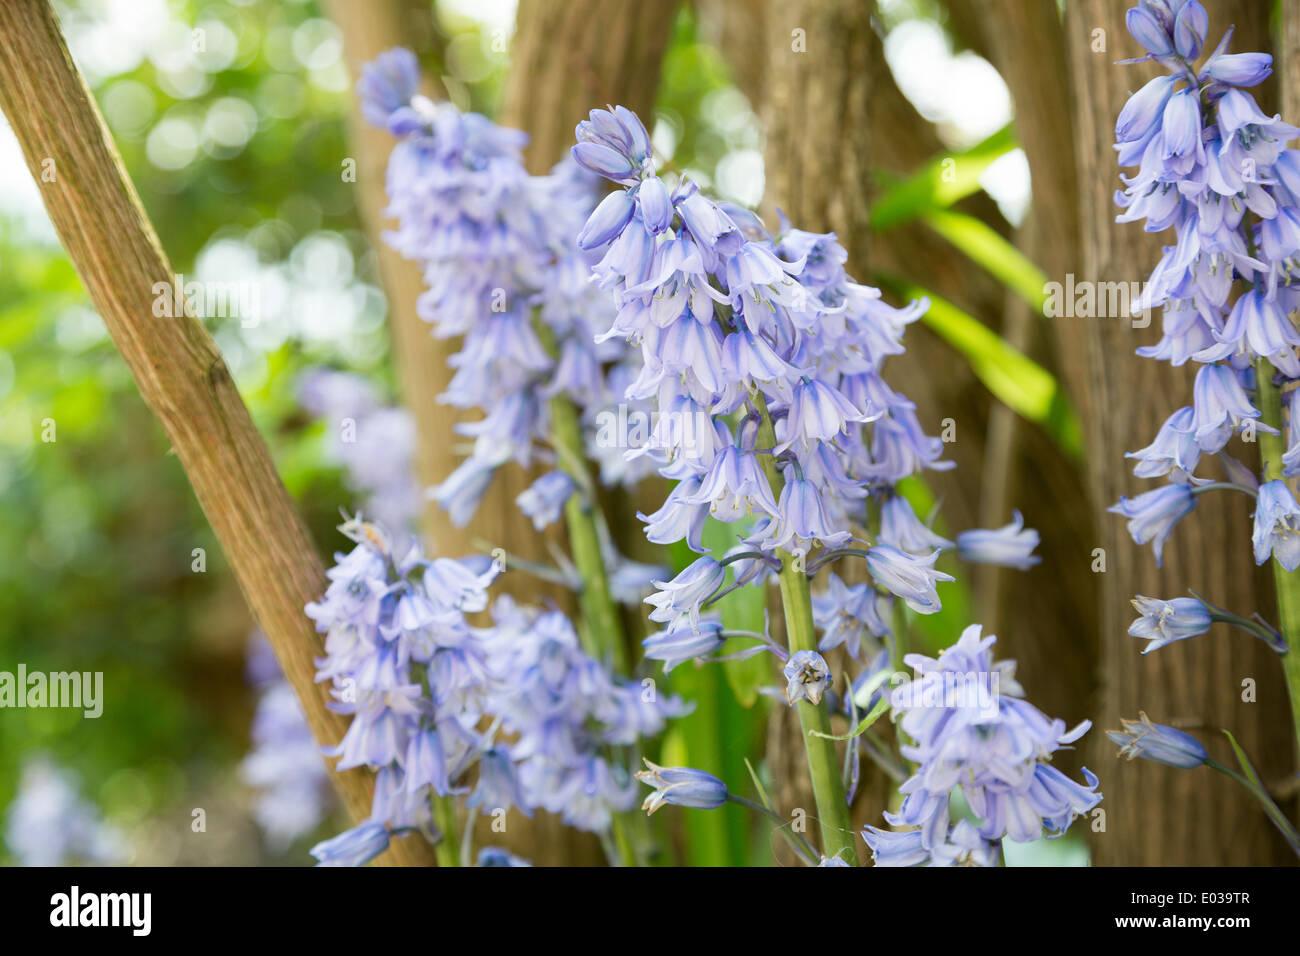 The Spanish bluebell, Hyacinthoides hispanica, in Northamptonshire, England, UK Stock Photo